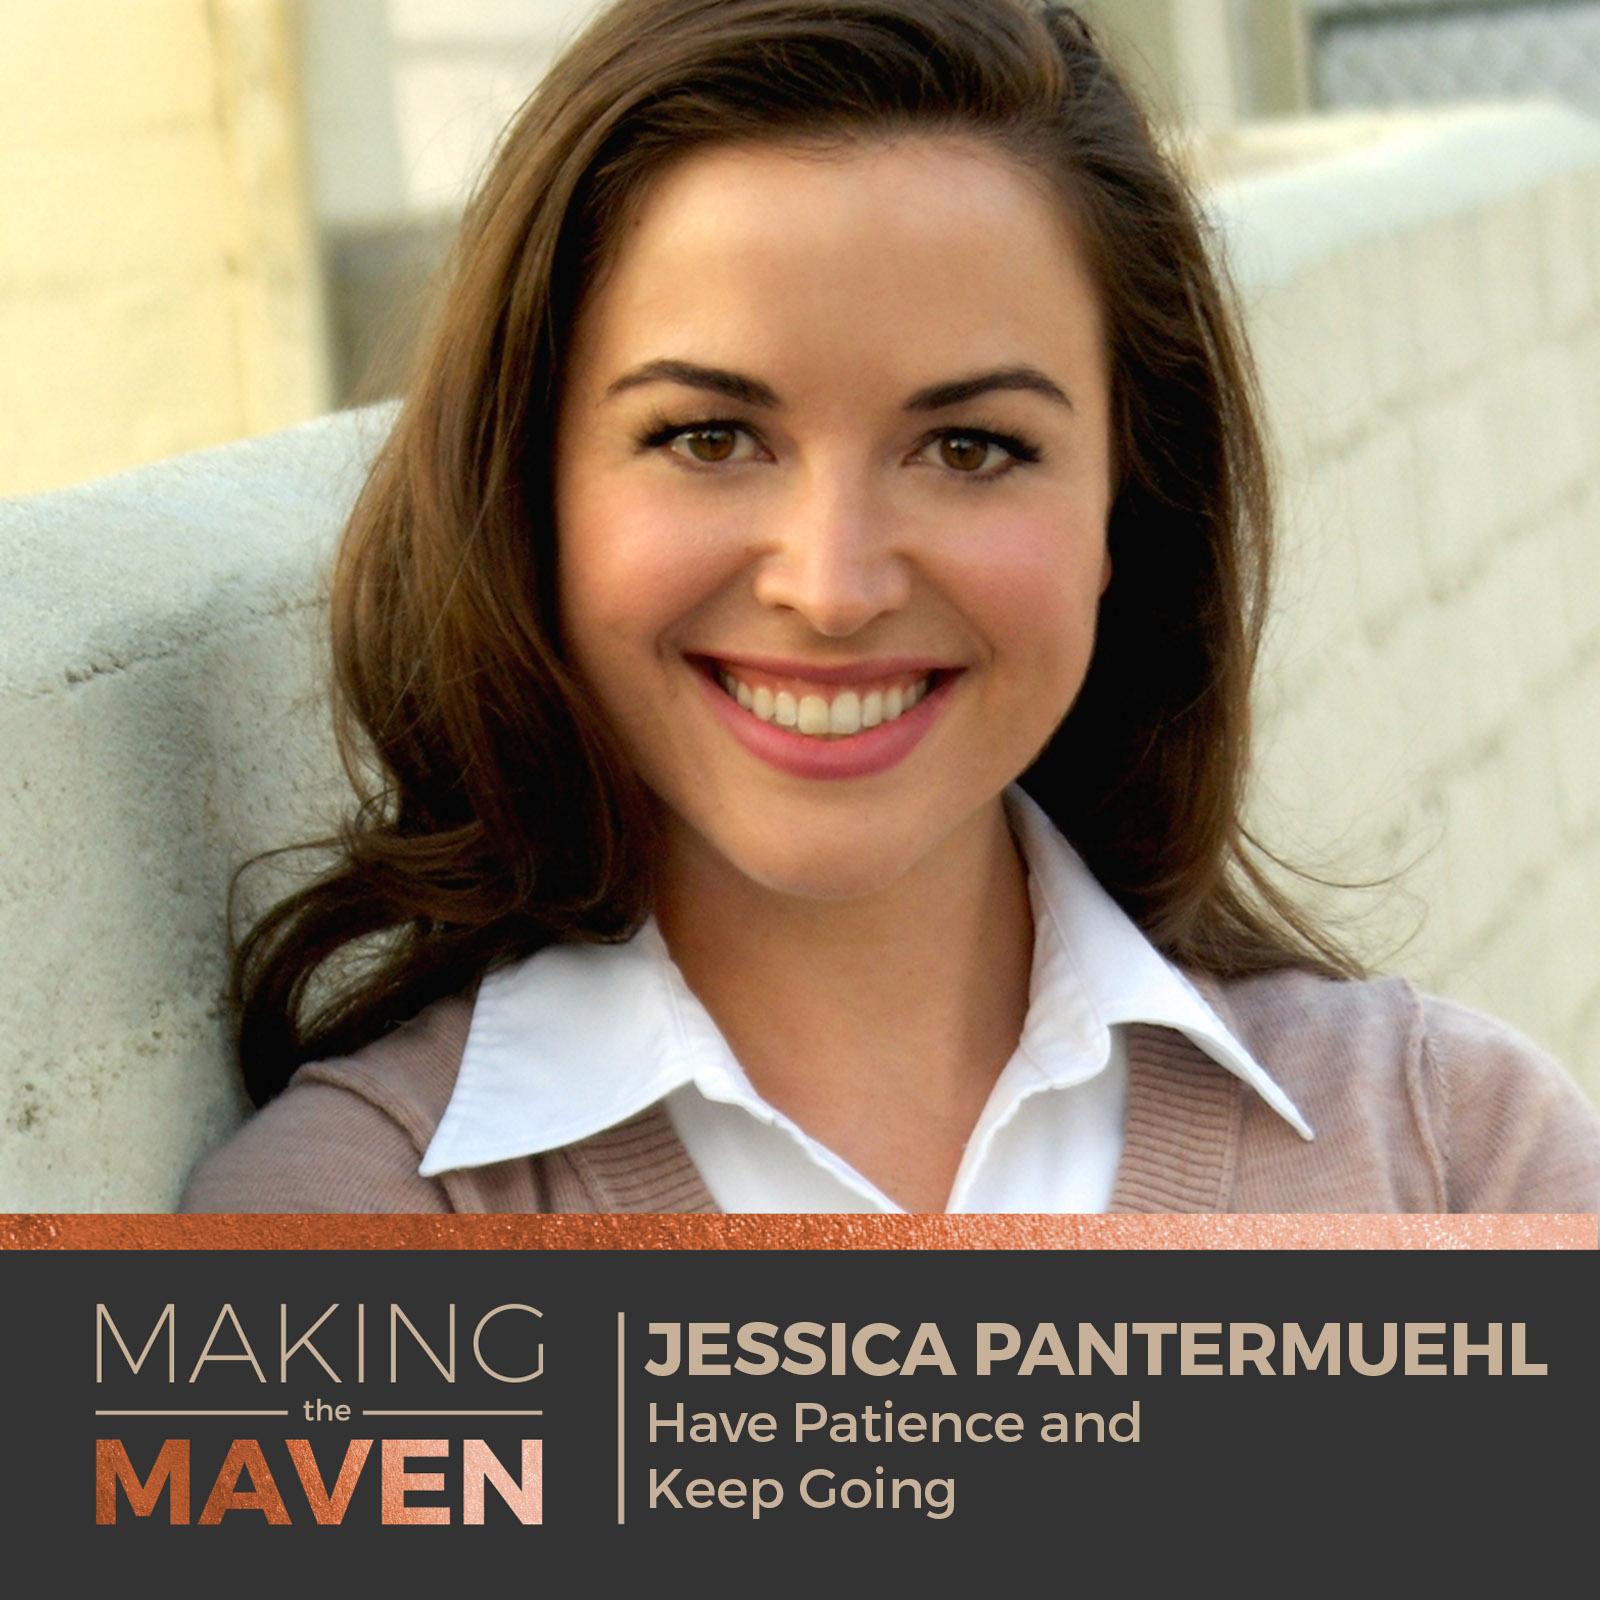 Jessica Pantermuehl